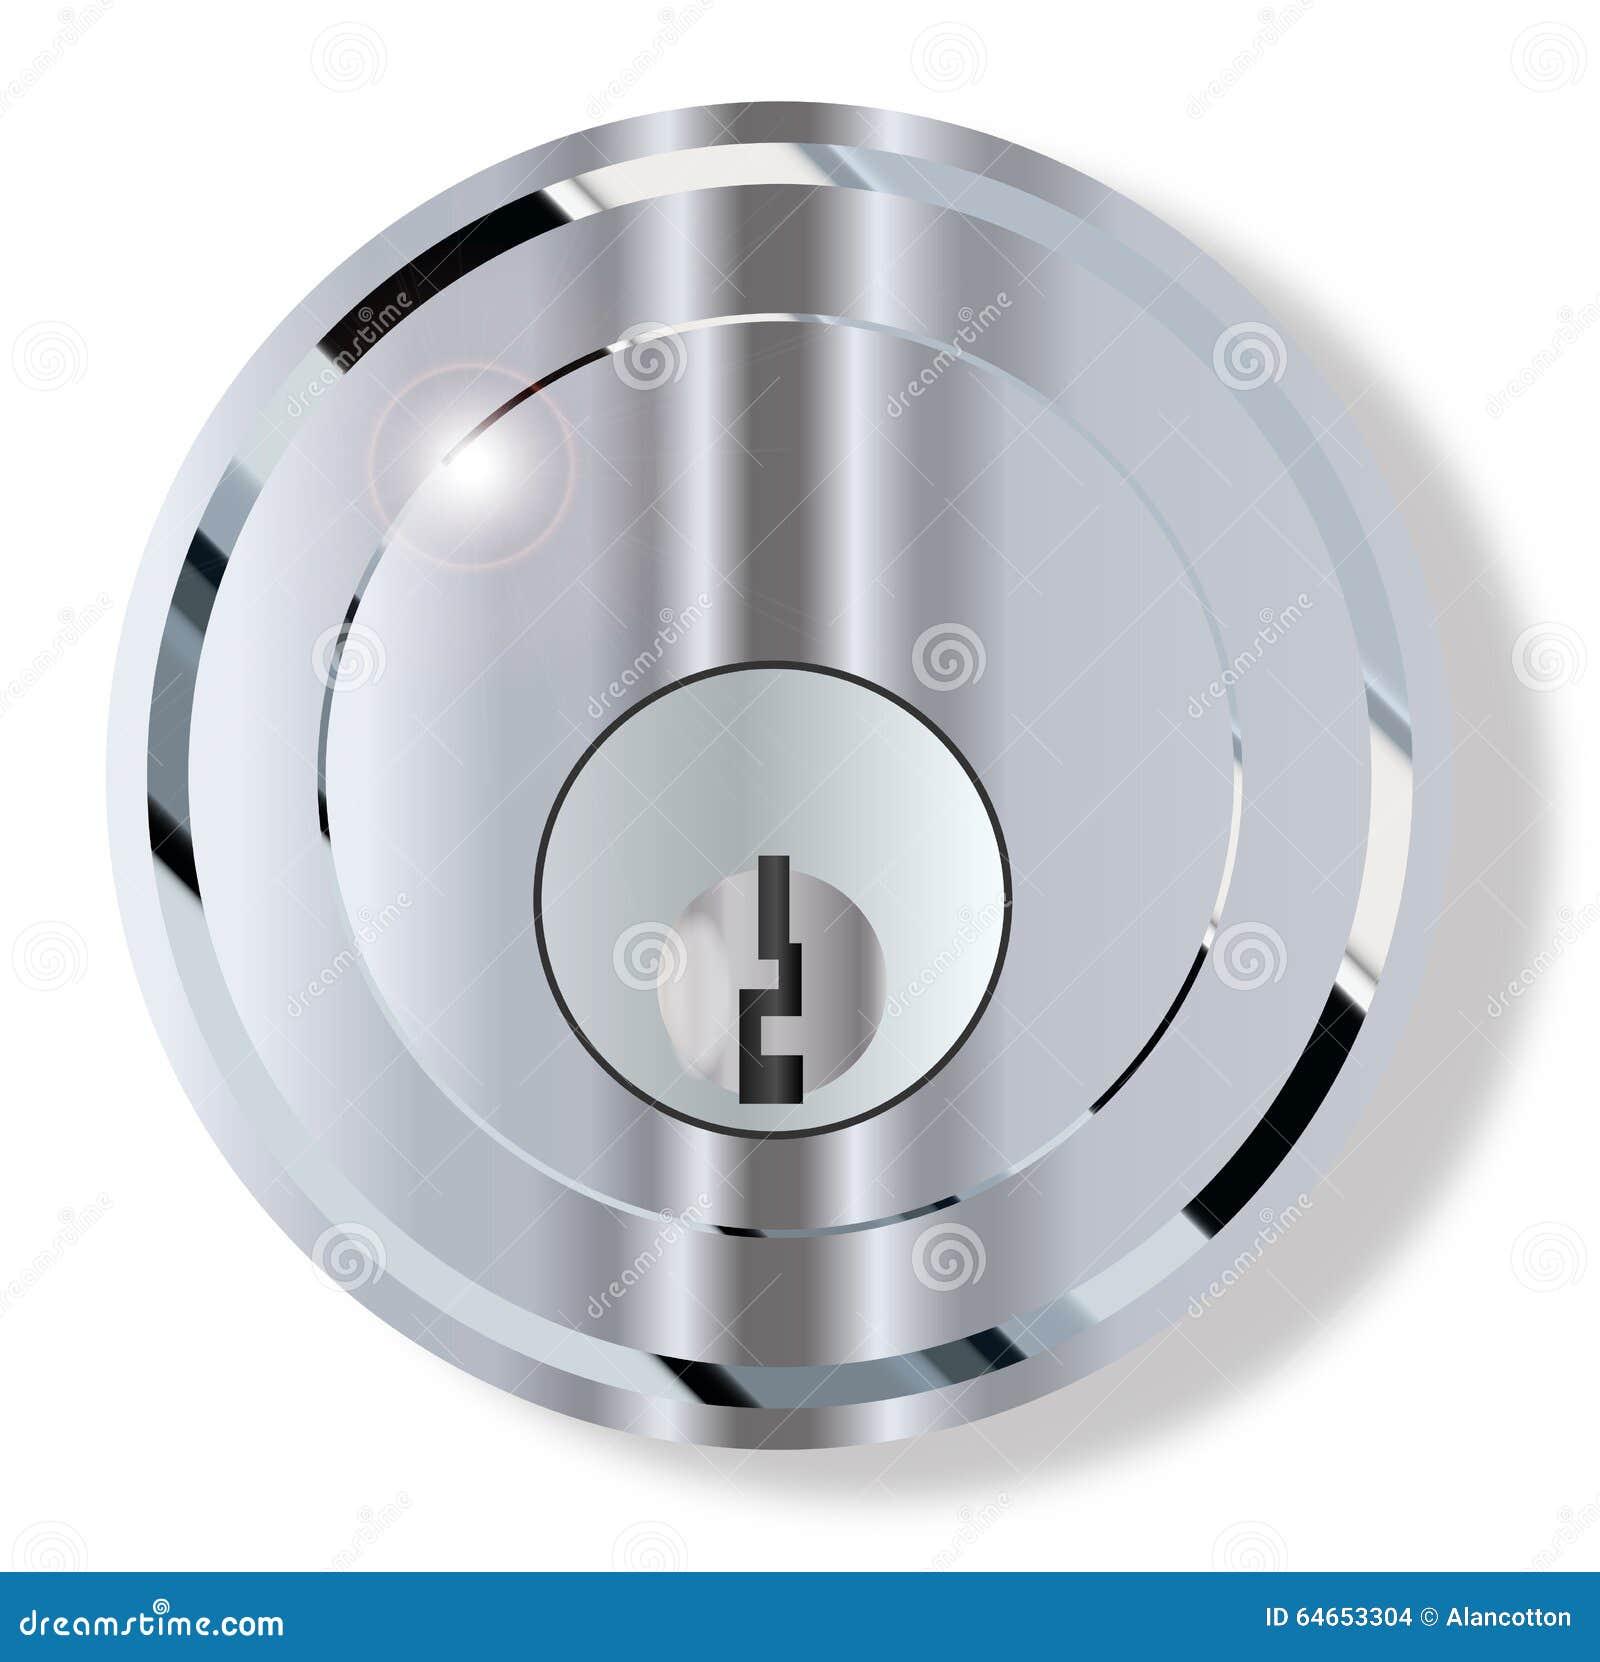 chrome front door lock